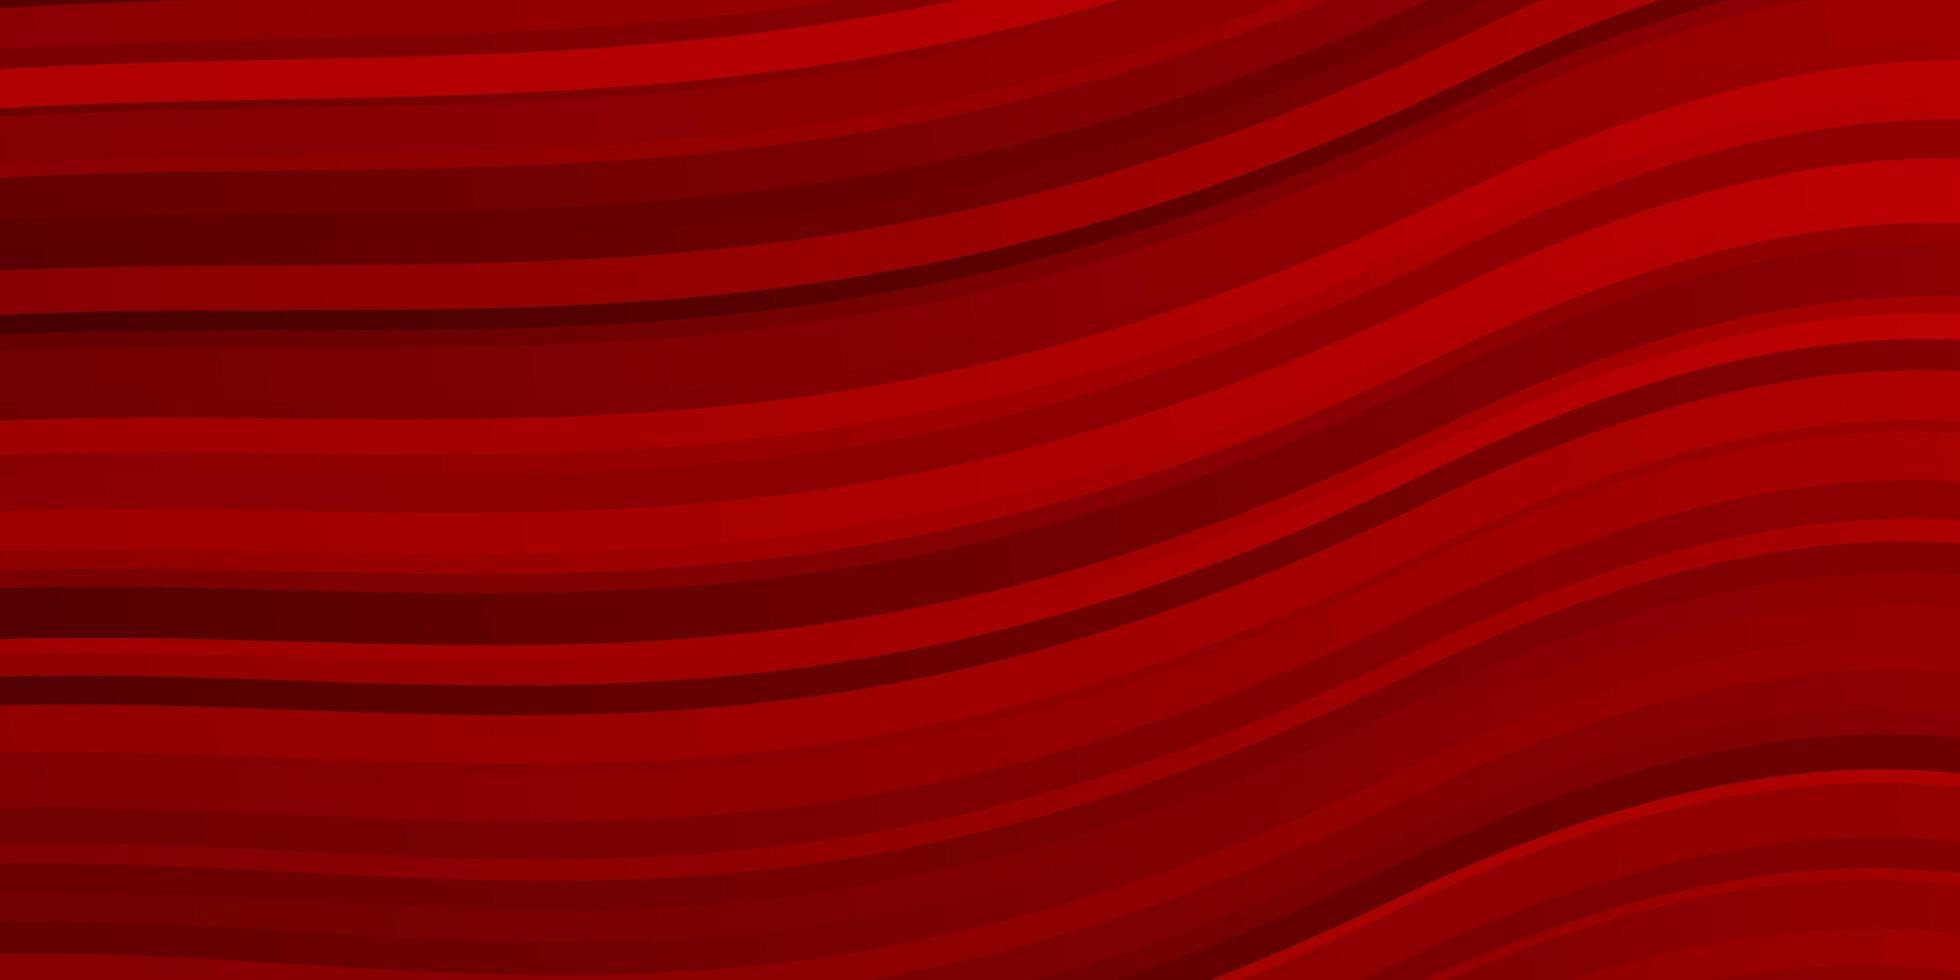 fundo vermelho escuro com linhas curvas. vetor